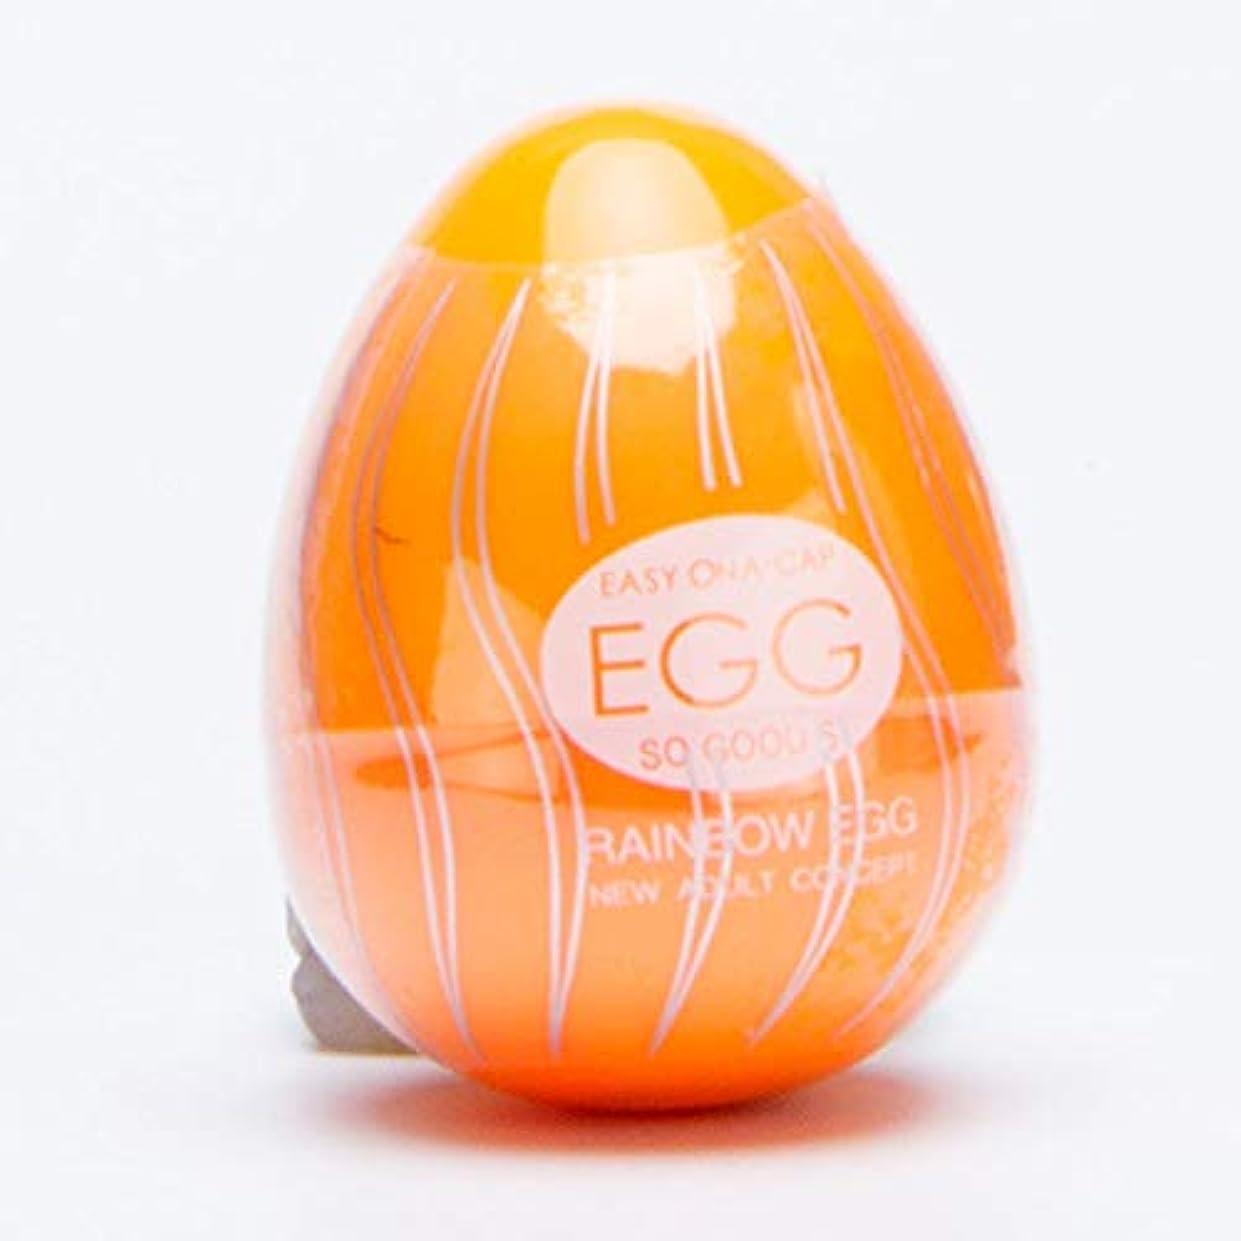 フレッシュオートぴったりRabugoo 大人のおもちゃ 男性の性のおもちゃの陰茎のマッサージャーの喜びのセックスレインボーエッグ オレンジ